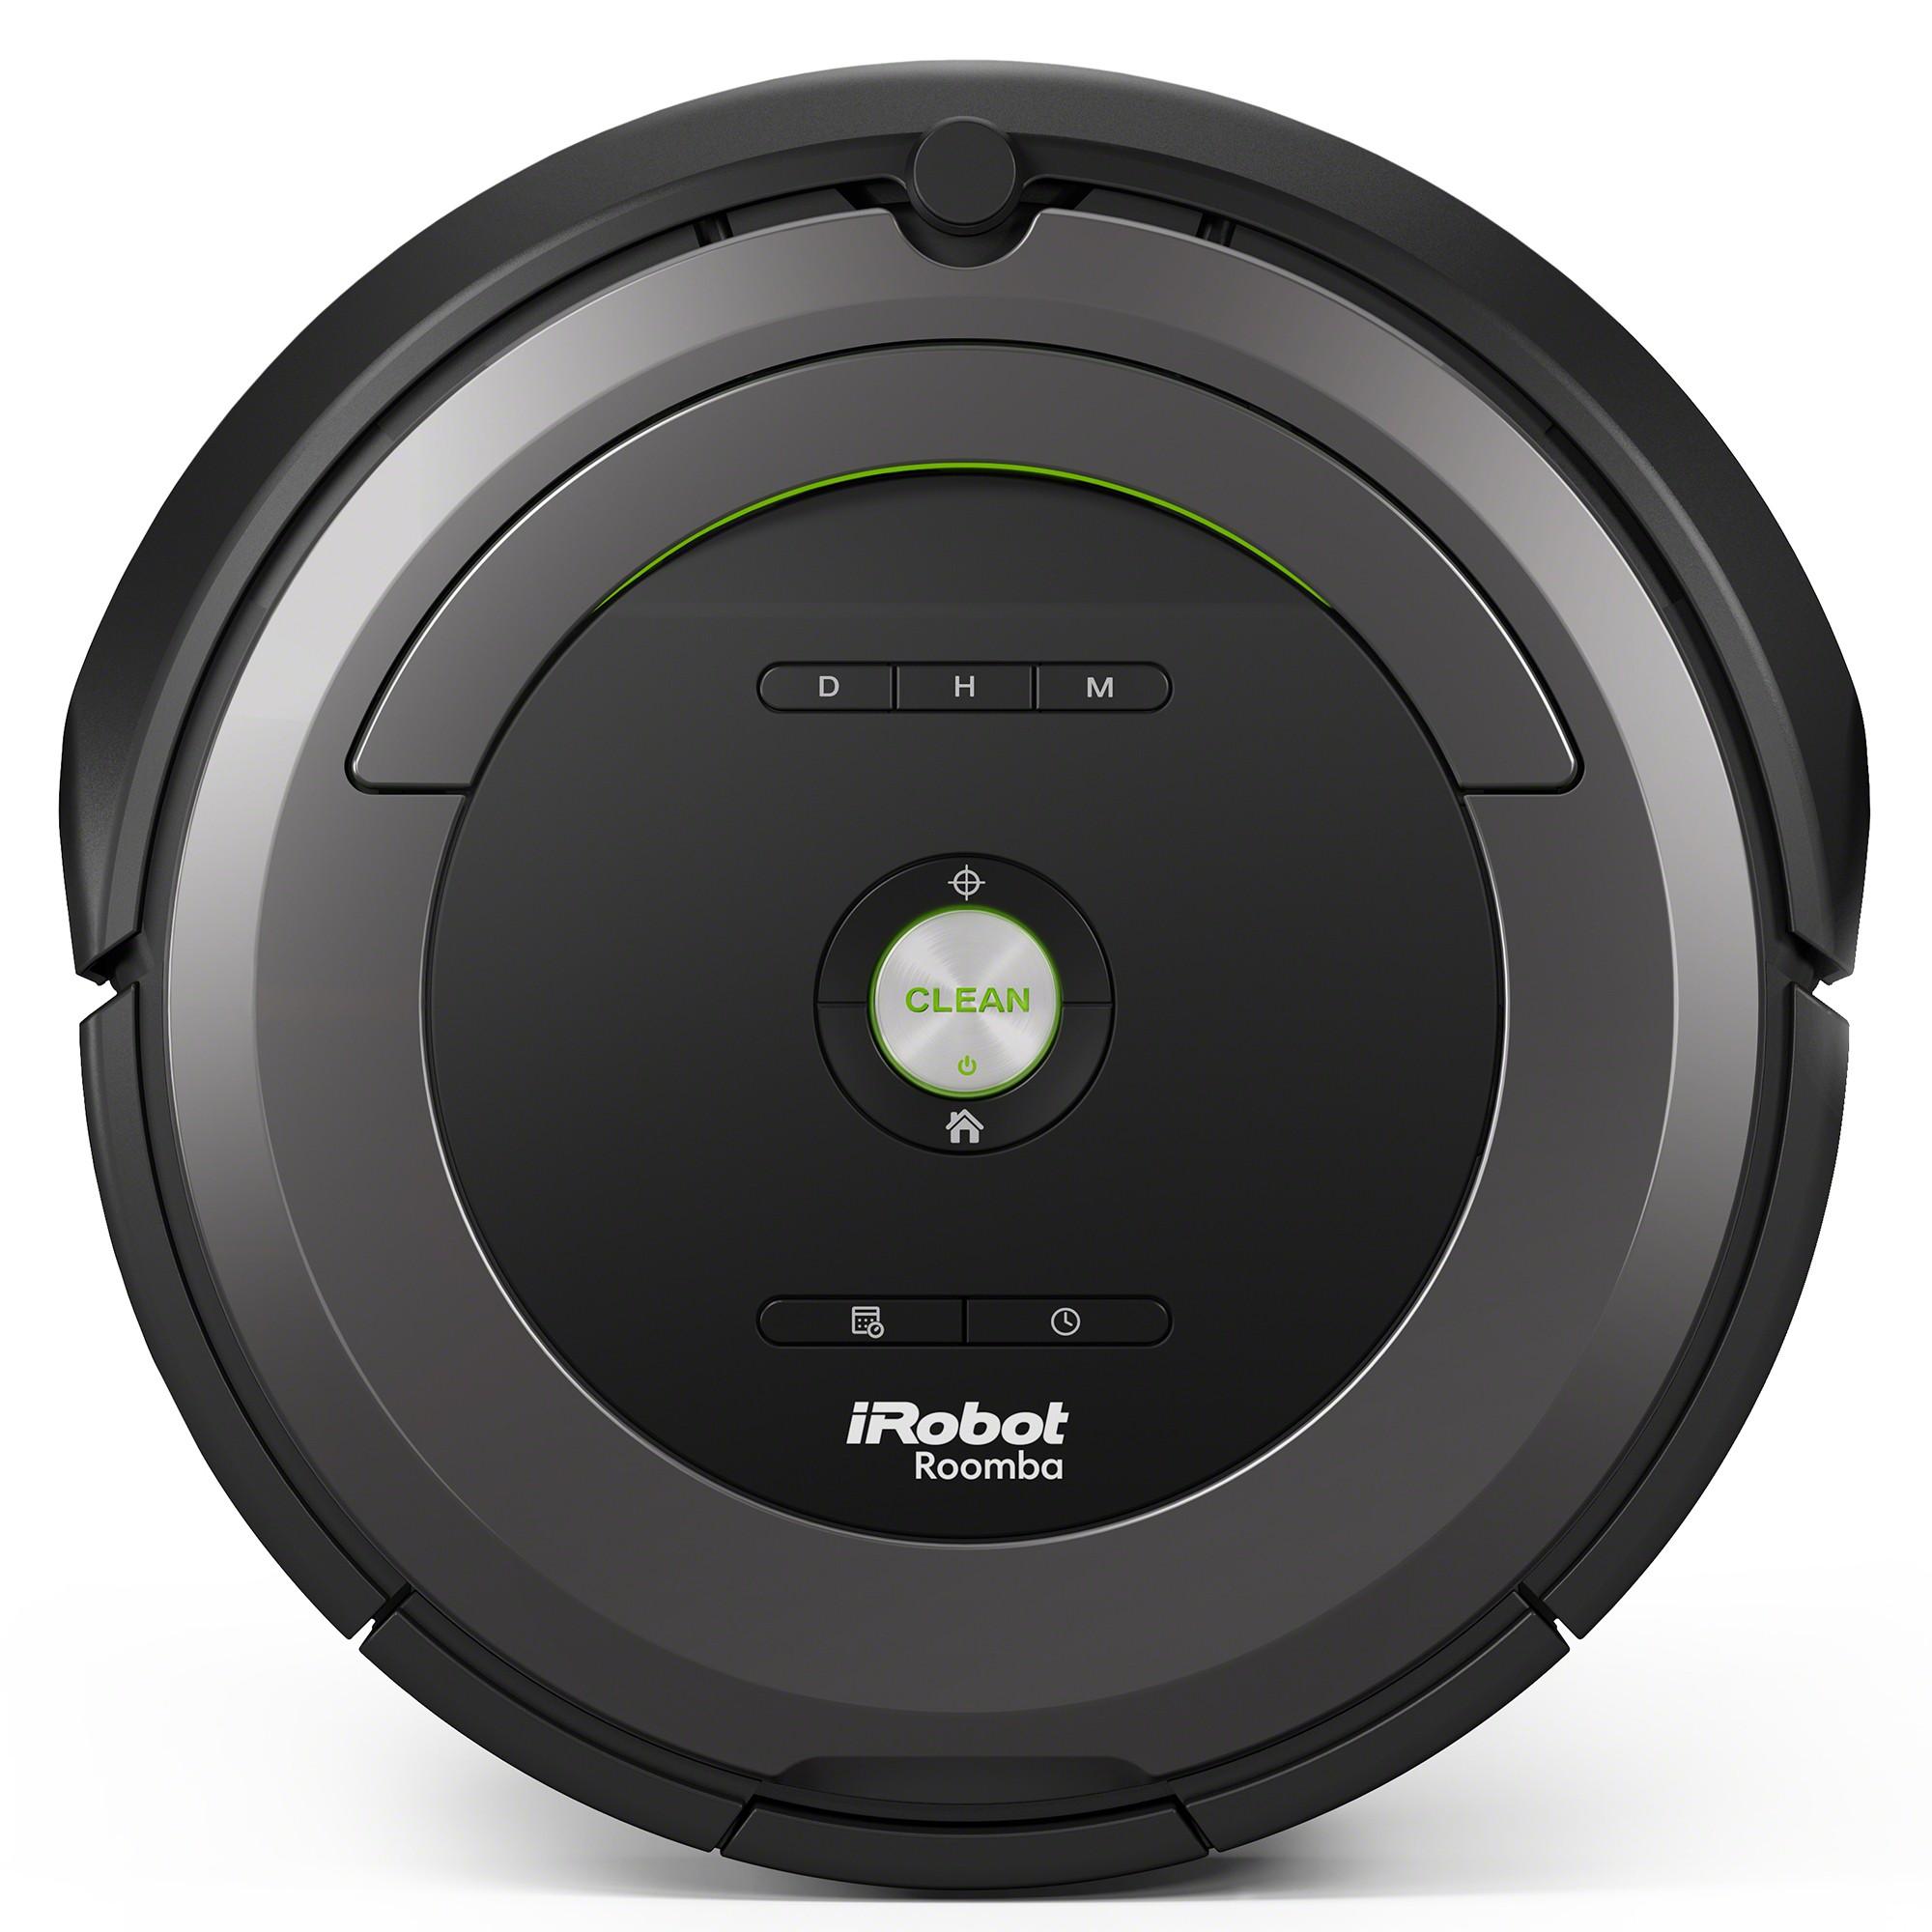 Робот пылесос iRobot Roomba 681iRobot<br>Робот-пылесос iRobot Roomba 681. Нужно всего лишь нажать кнопку «Clean», и пылесос Roomba 681 самостоятельно очистит до 80 квадратных метров без подзарядки. Укомплектован контейнером AeroVac Bin. Новый контейнер не только имеет повышенную емкость, предназ...<br>